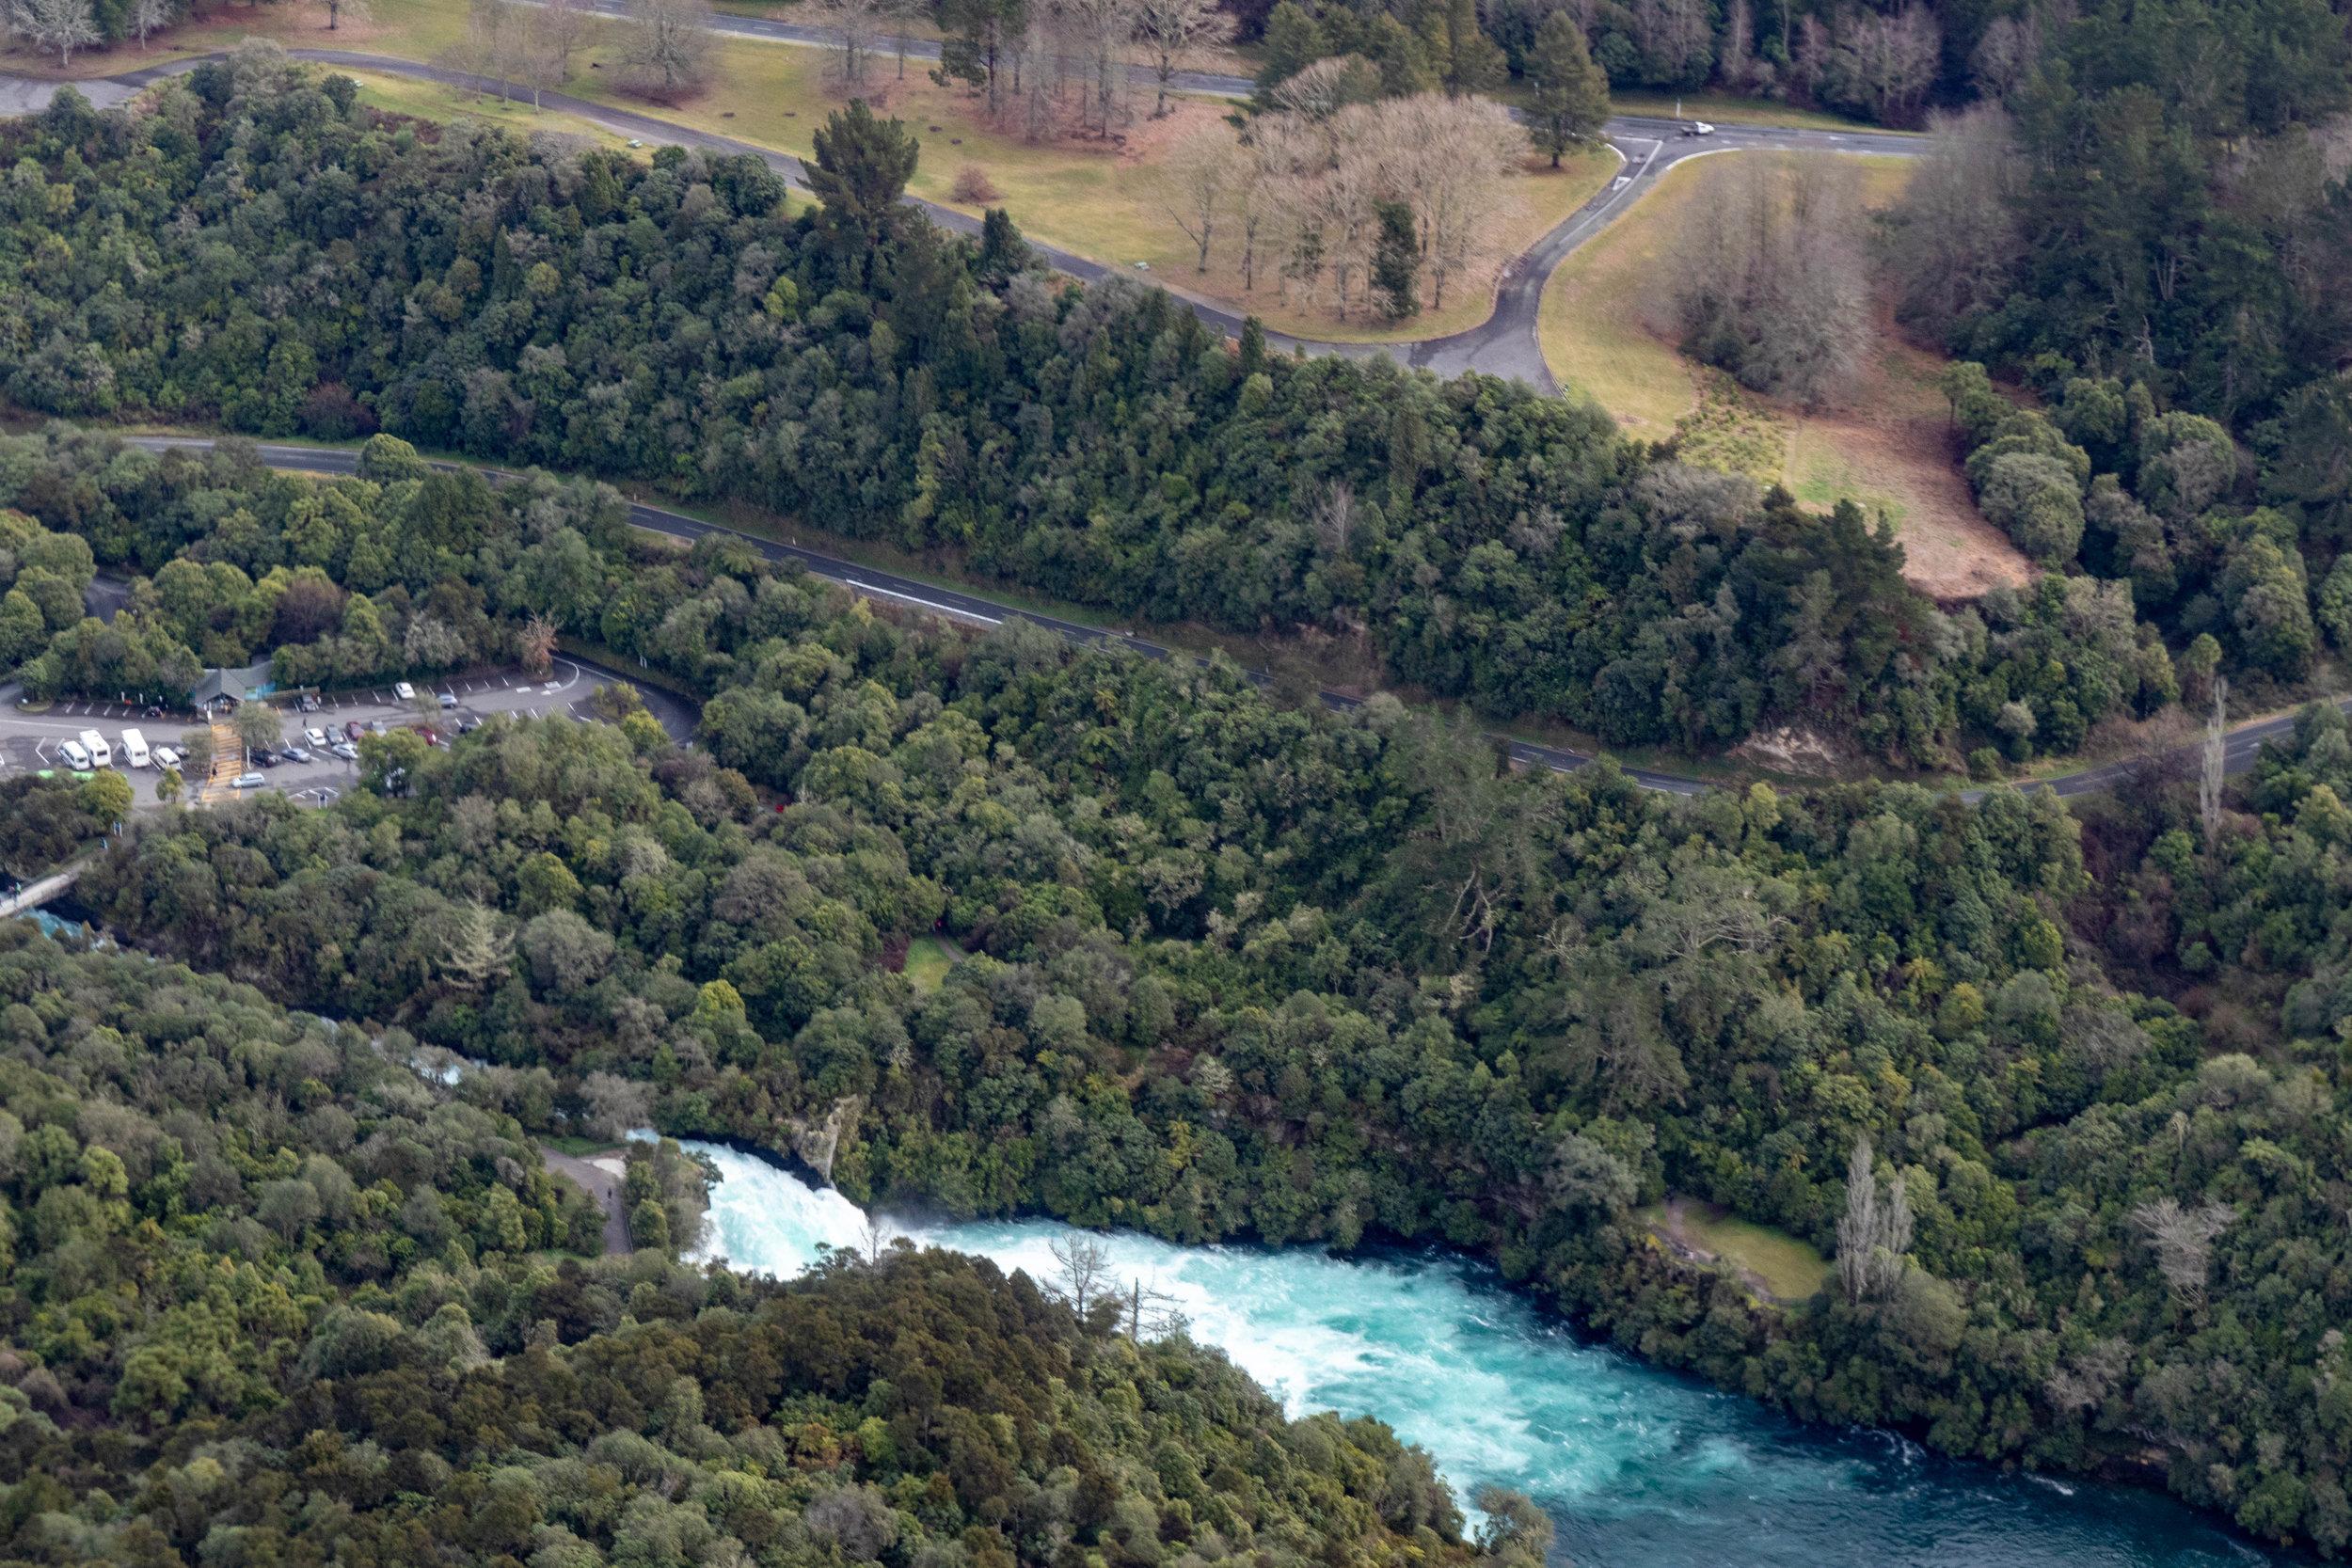 Hucka Falls